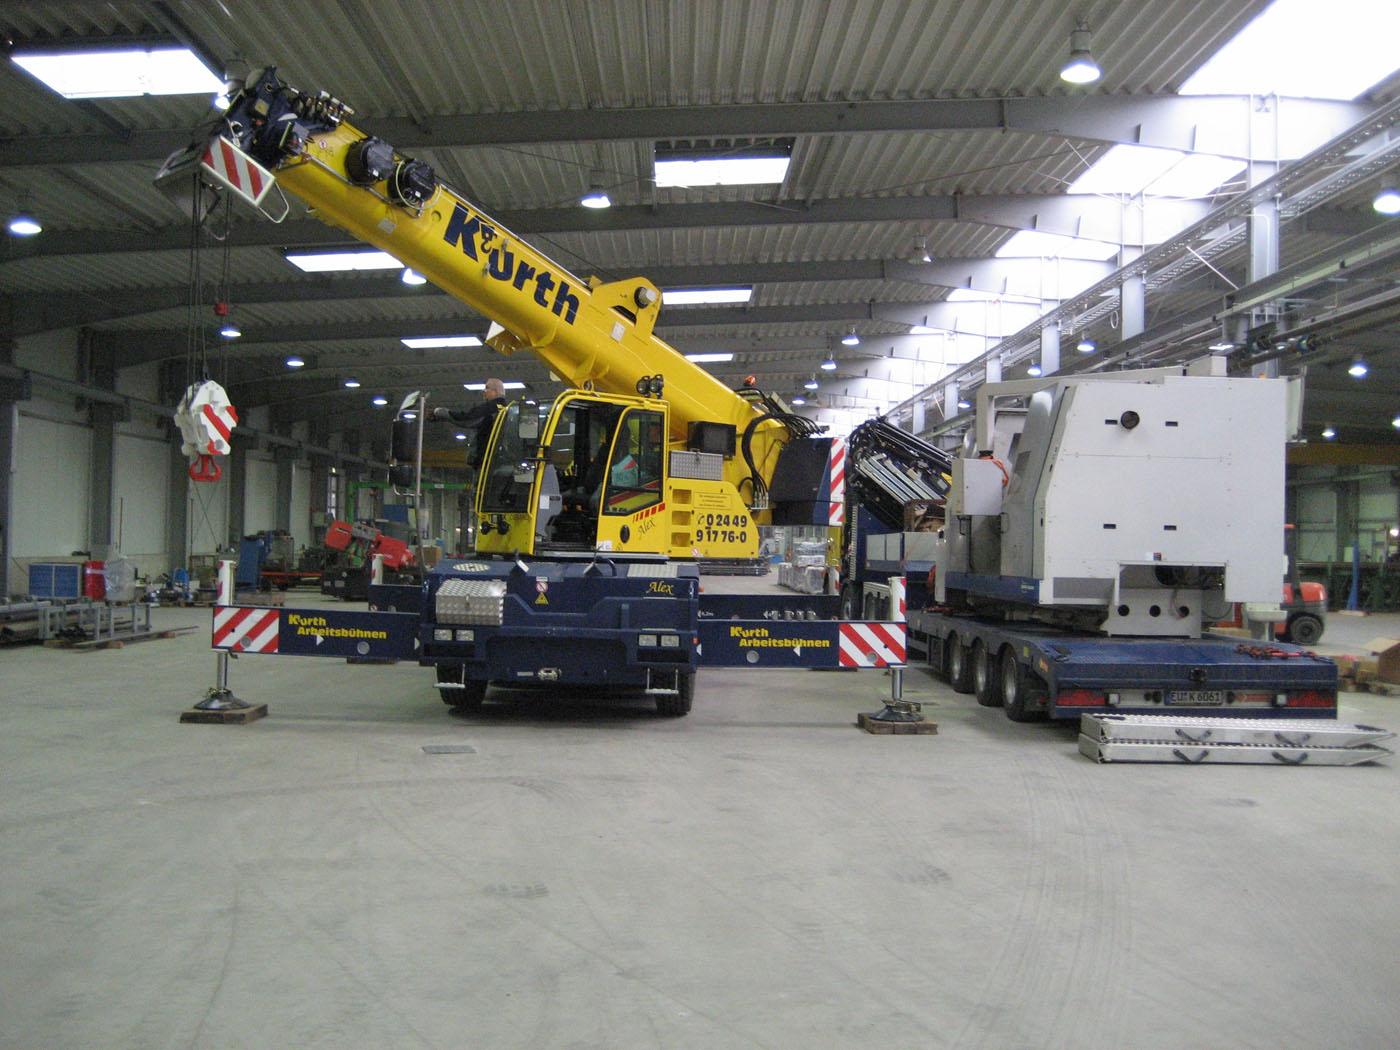 Fotogalerie Parterrearbeiten und Maschinenumzüge - Kurth Autokrane ...